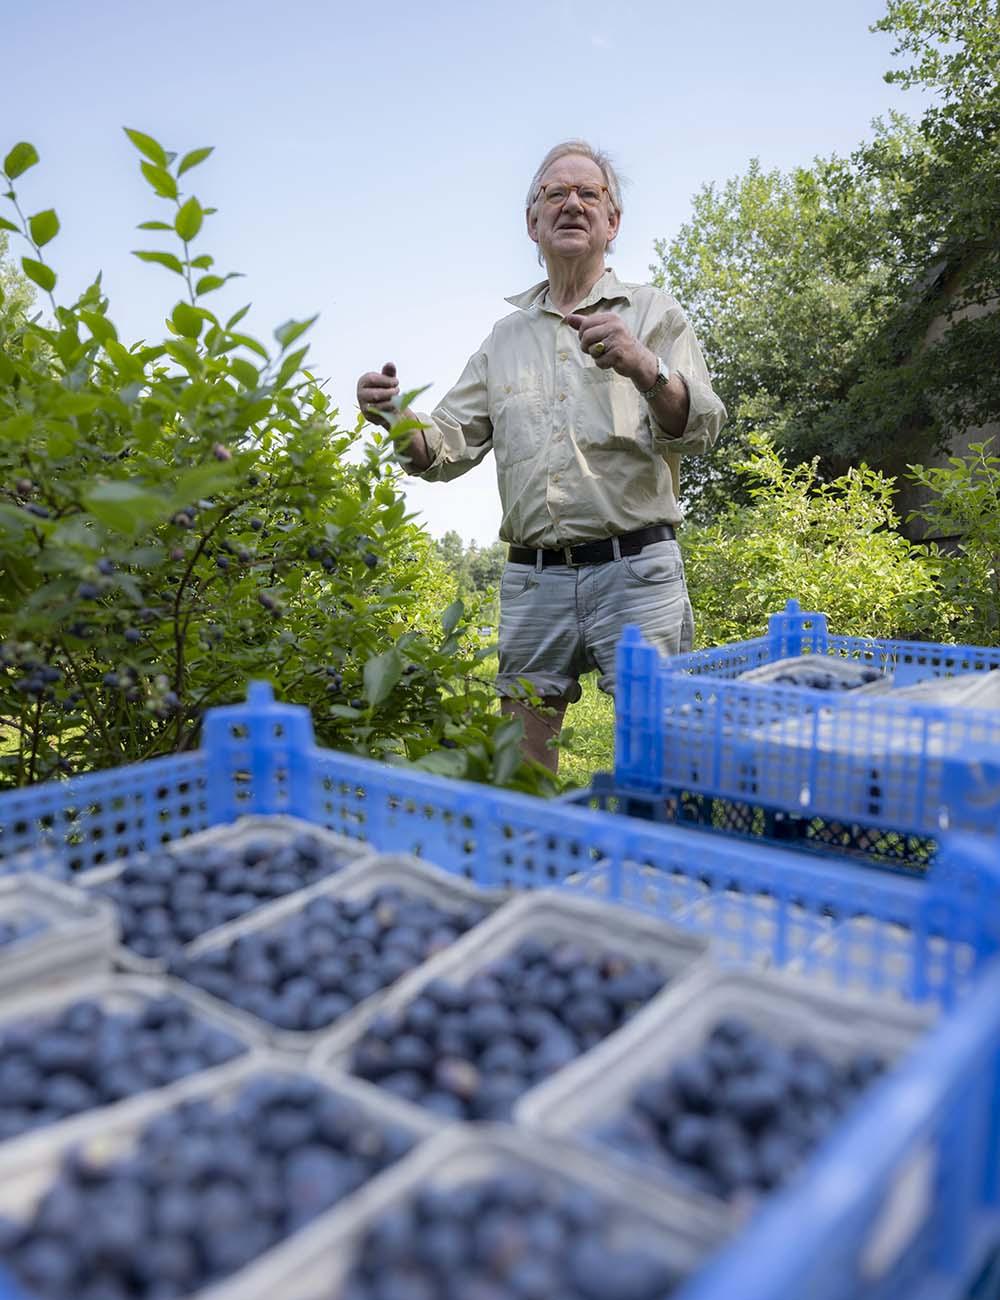 Das Foto zeigt Hinrich Wahlen bei der Ernte seiner Heidelbeeren. Er gestikuliert, um zu verdeutlichen, wie er die Kisten mit Obst stapelt.